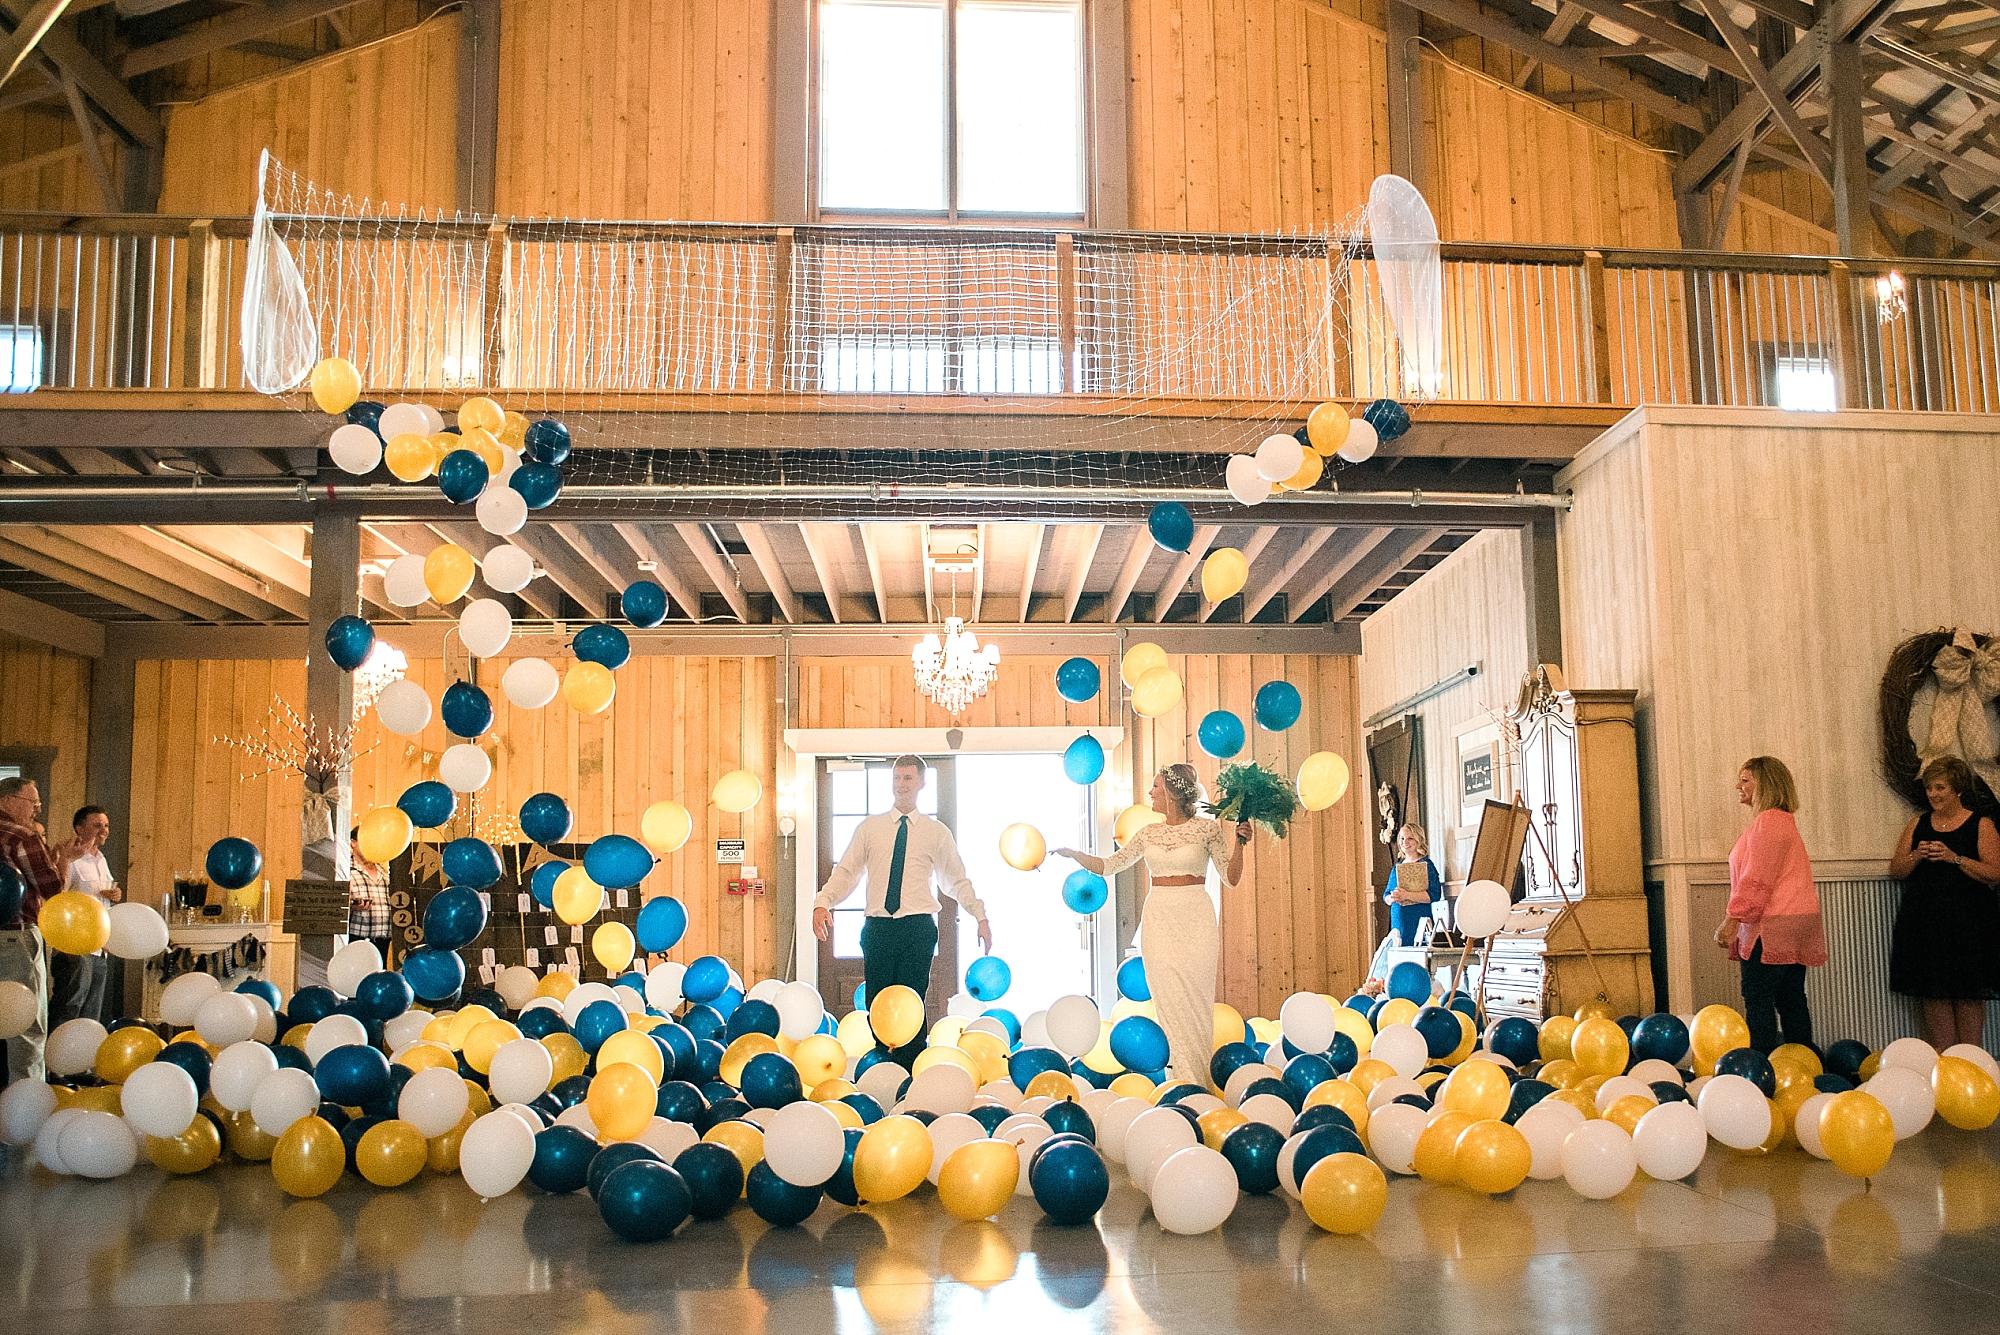 A balloon drop! How fun!